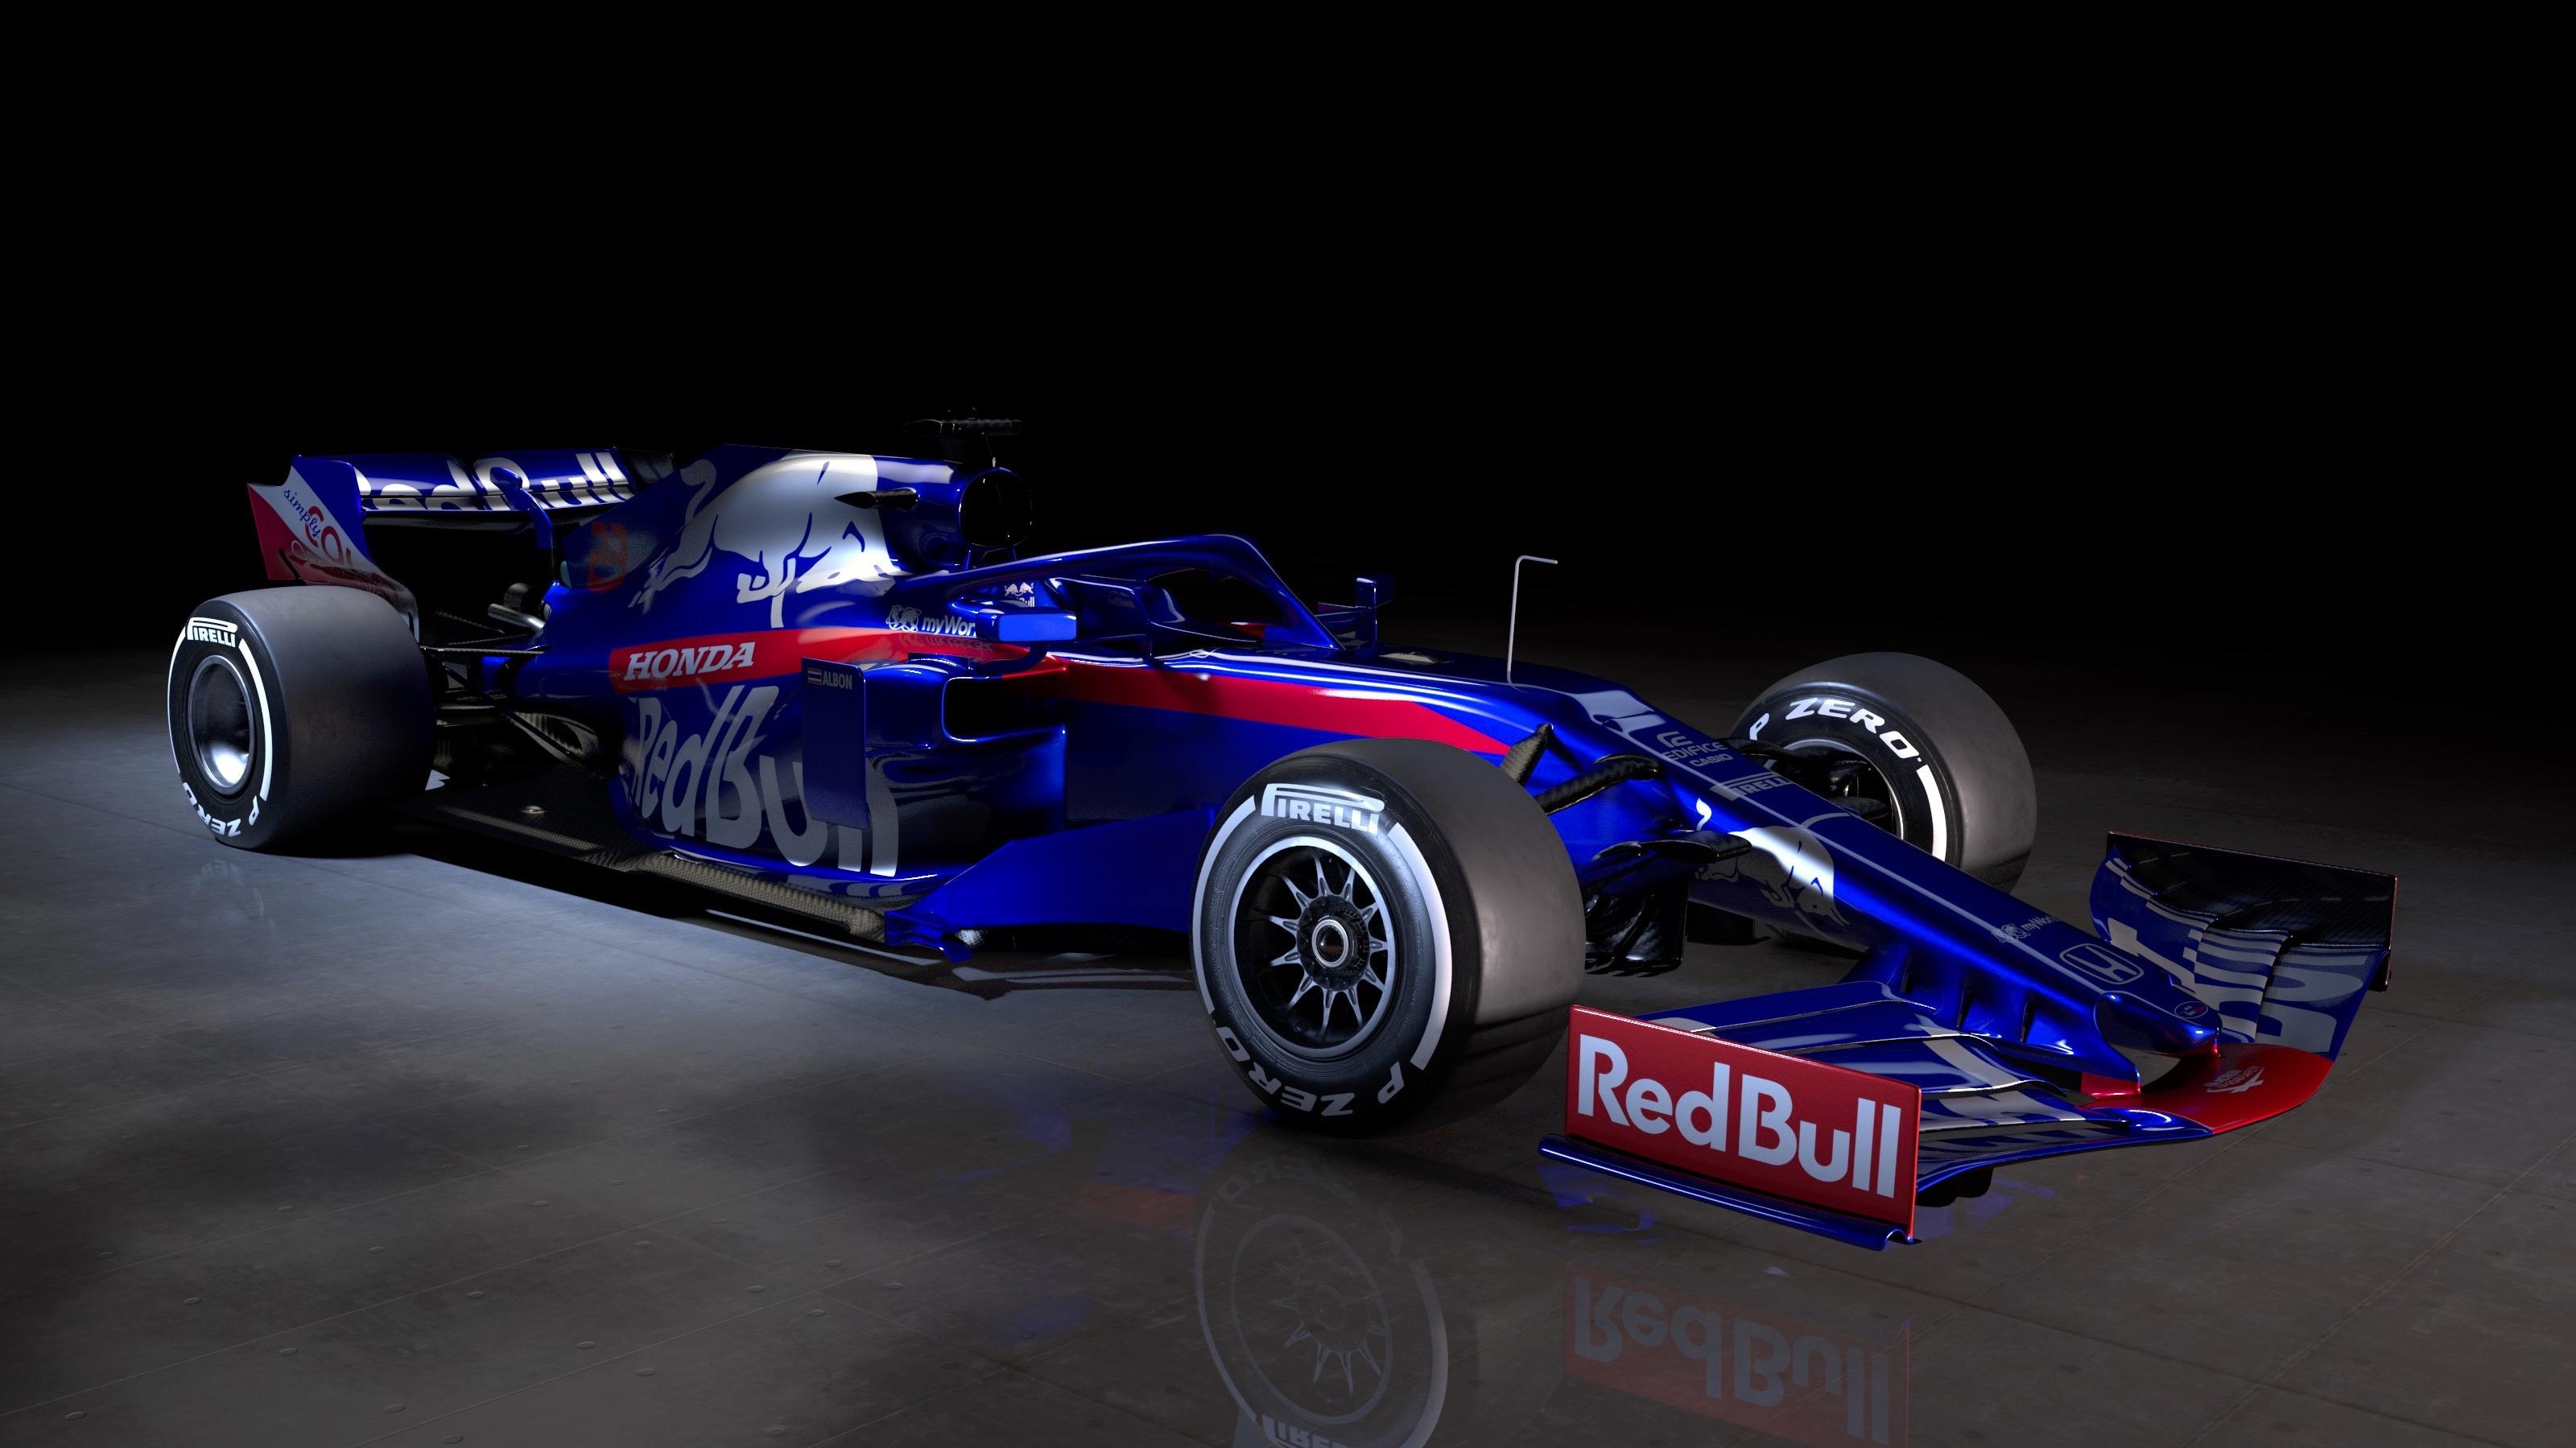 Fond d'écran : renault r s 19, Formule 1, 2019, voiture, jaune, Toro Rosso, STR14, Ferrari, SF90 ...